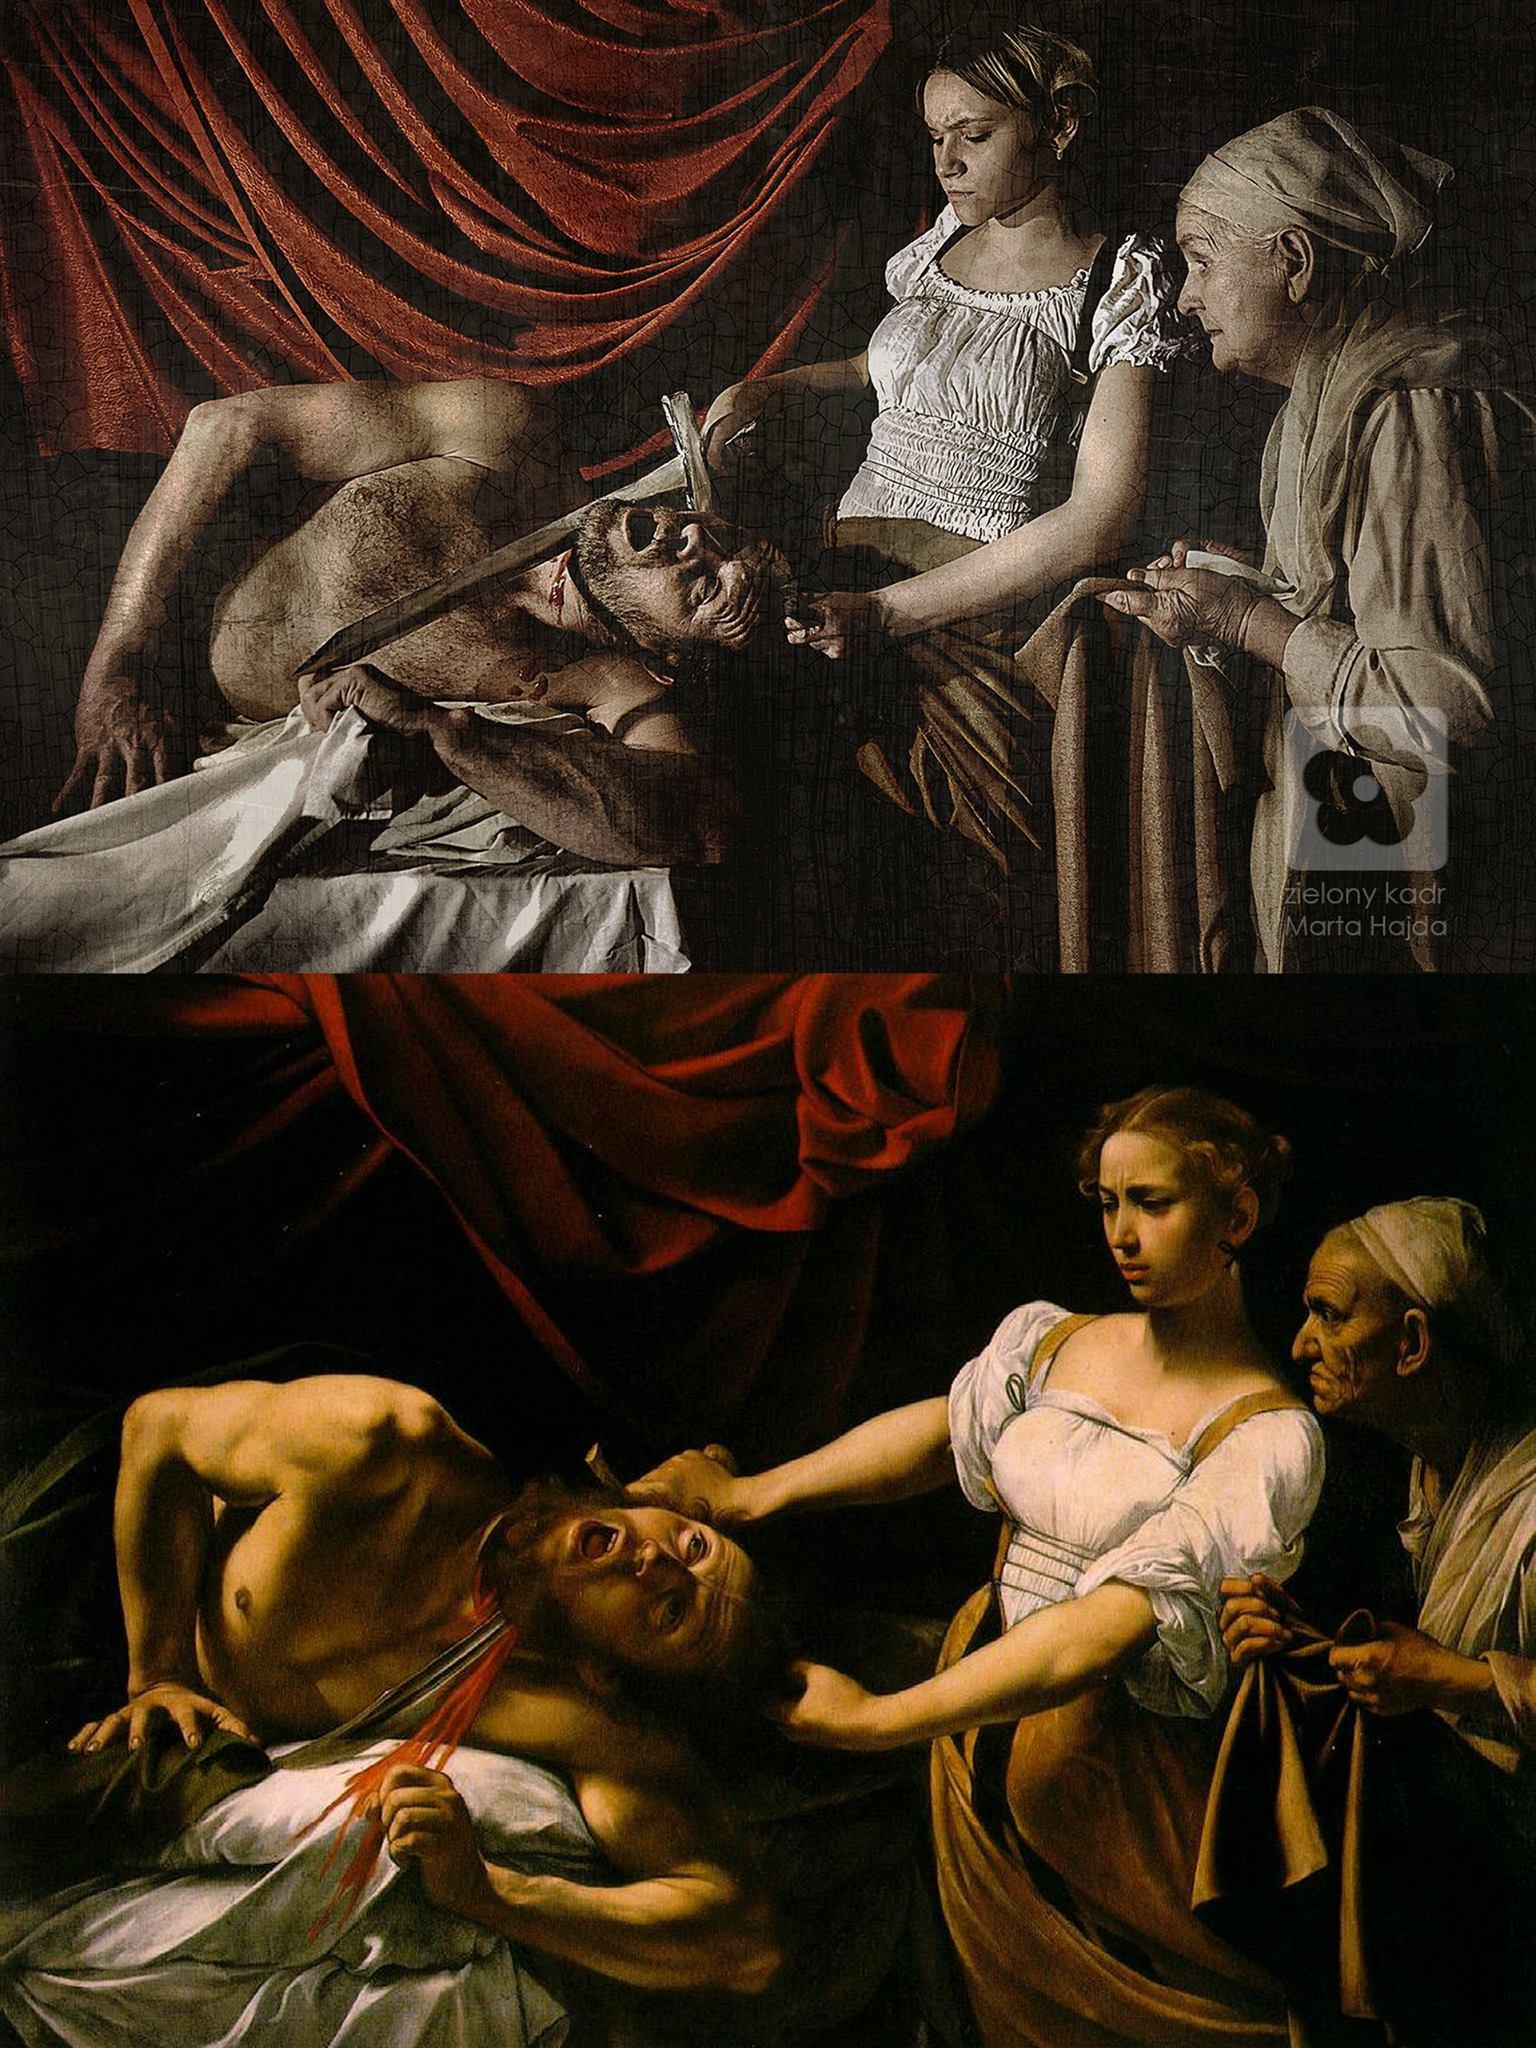 Caravaggio, Judyta odcinająca głowę Holofernesowi, 1599